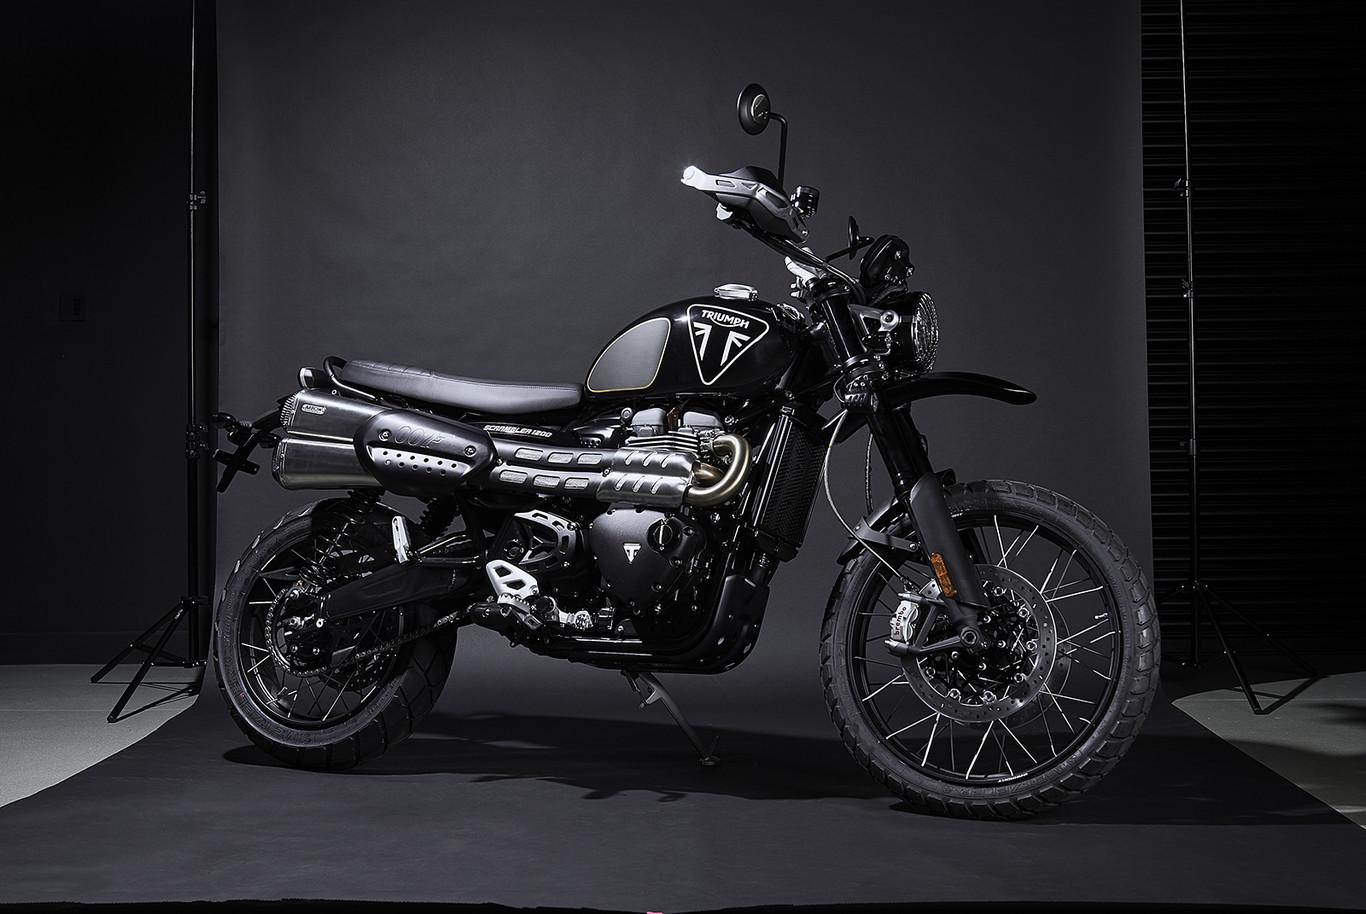 Una motocicleta digna del 007: Triumph Scrambler 1200 Bond Edition